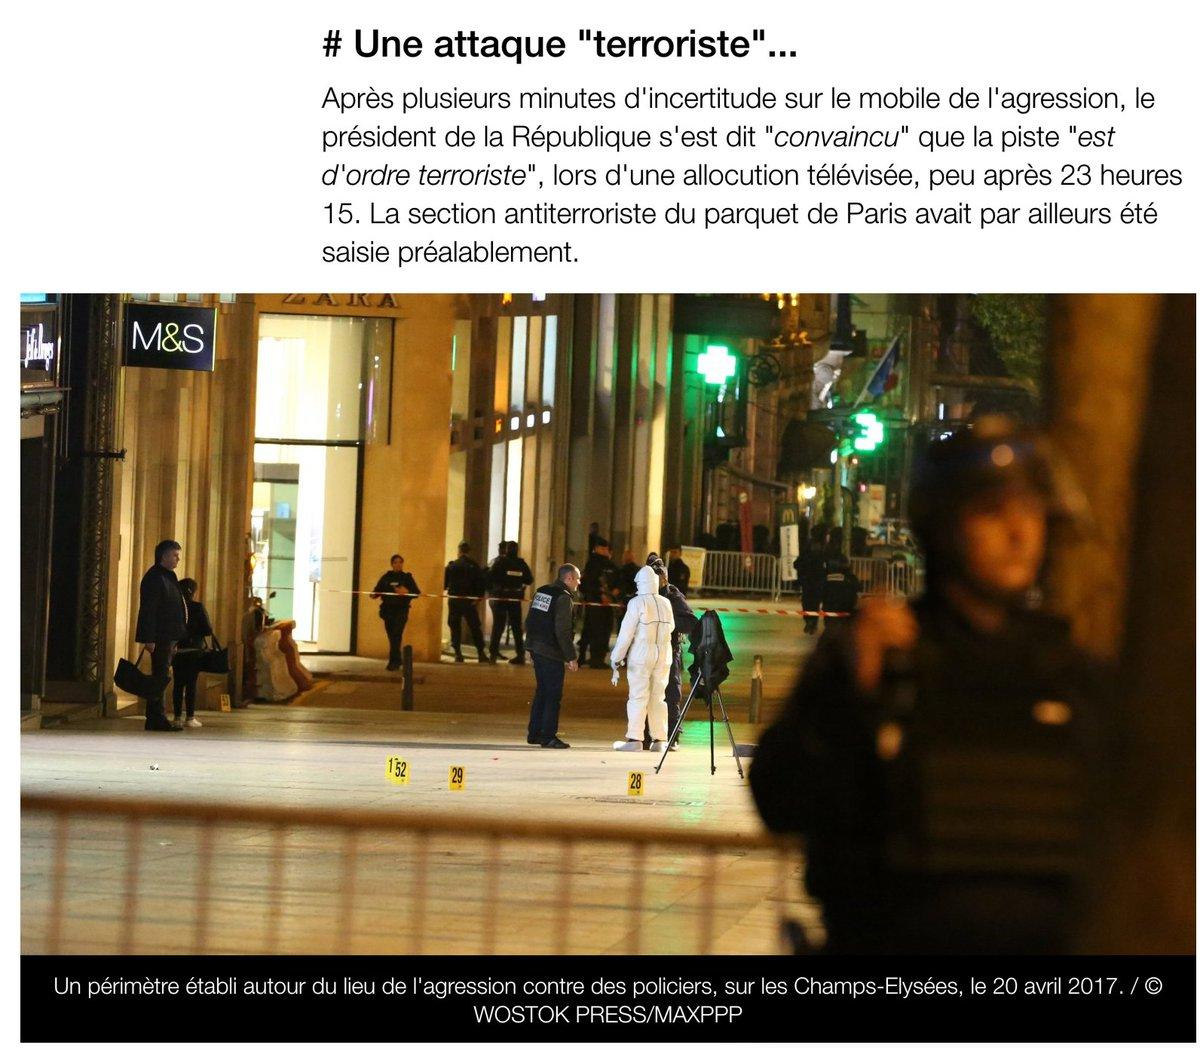 Sur @francetvinfo #attentat #terroriste #policier #abattu sur les #Champs-#Elysées  : le point sur l&#39;#enquête.© Tatif/Wostok Press<br>http://pic.twitter.com/FT1SA2K23U